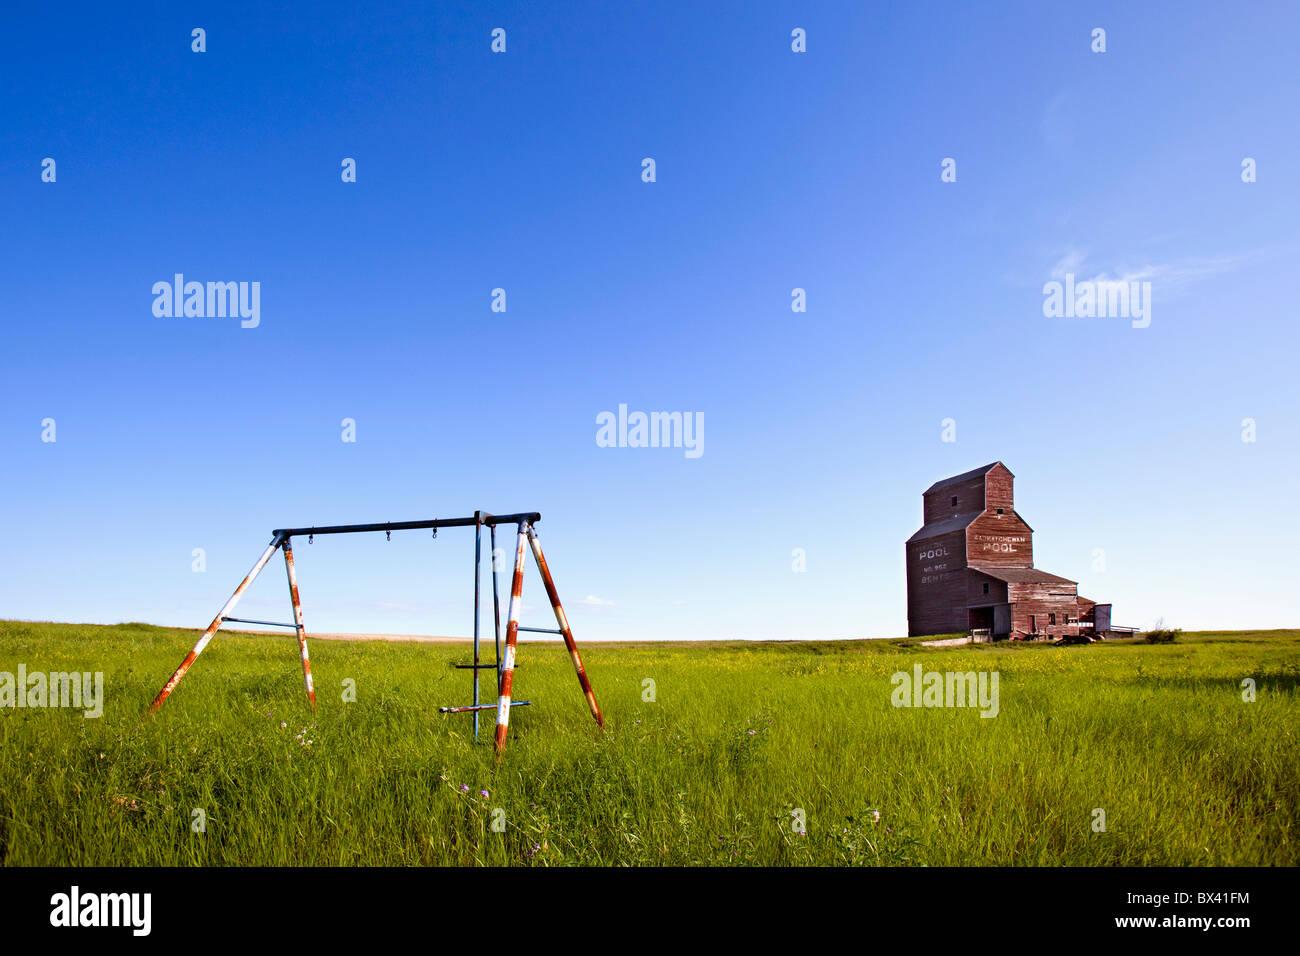 Une vieille Balançoire avec un élévateur à grains derrière elle dans une ville fantôme, Photo Stock